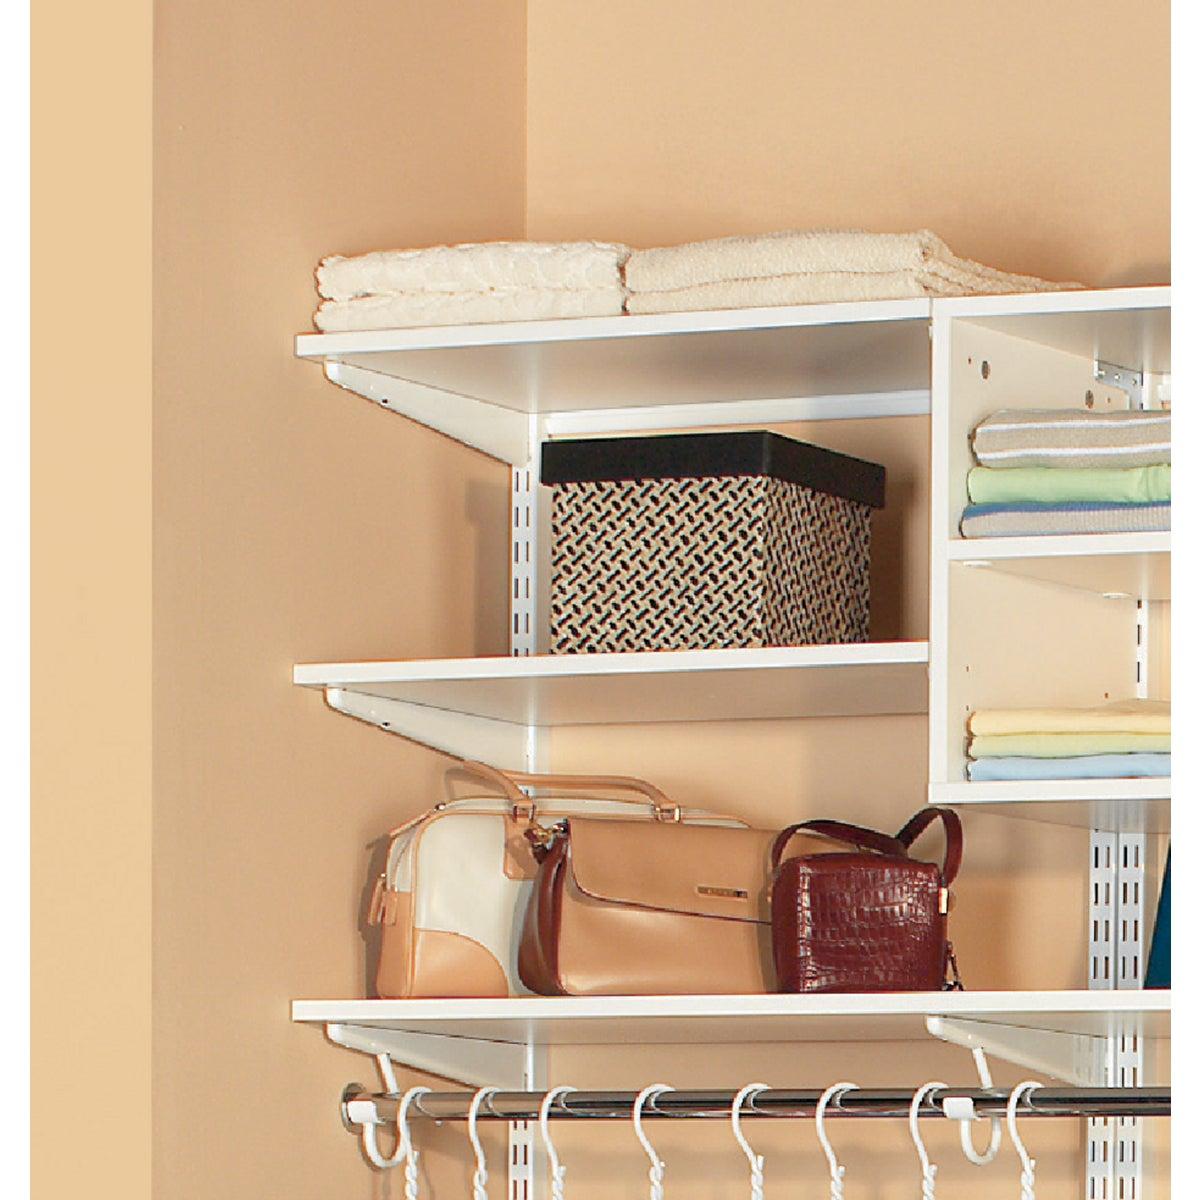 Closet Shelves and Rods